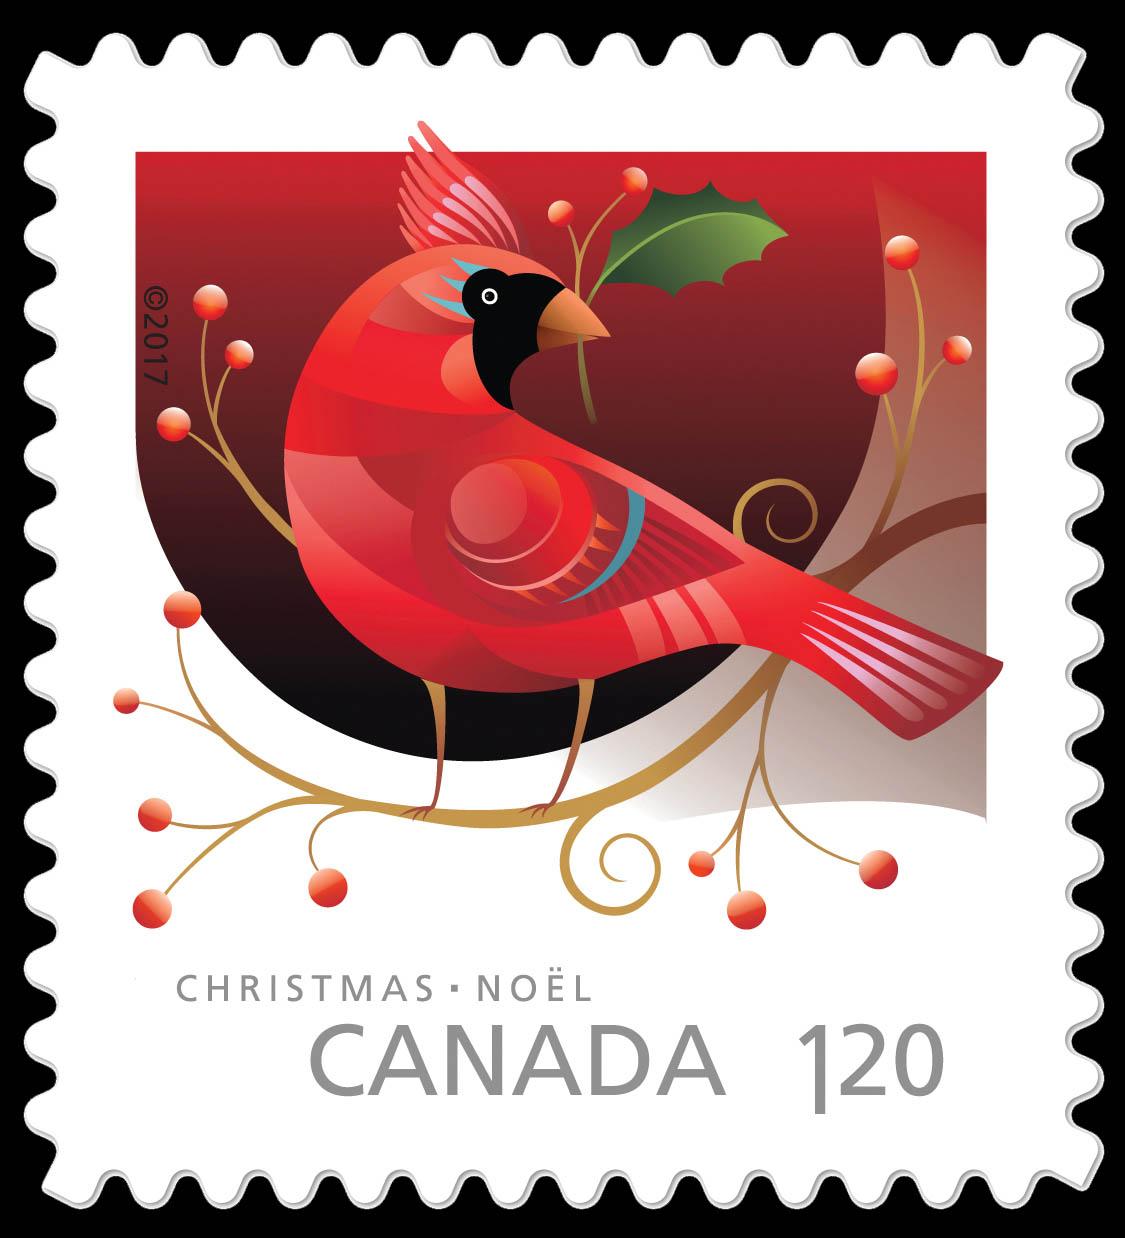 Cardinal - Christmas Animals Canada Postage Stamp | Christmas 2017